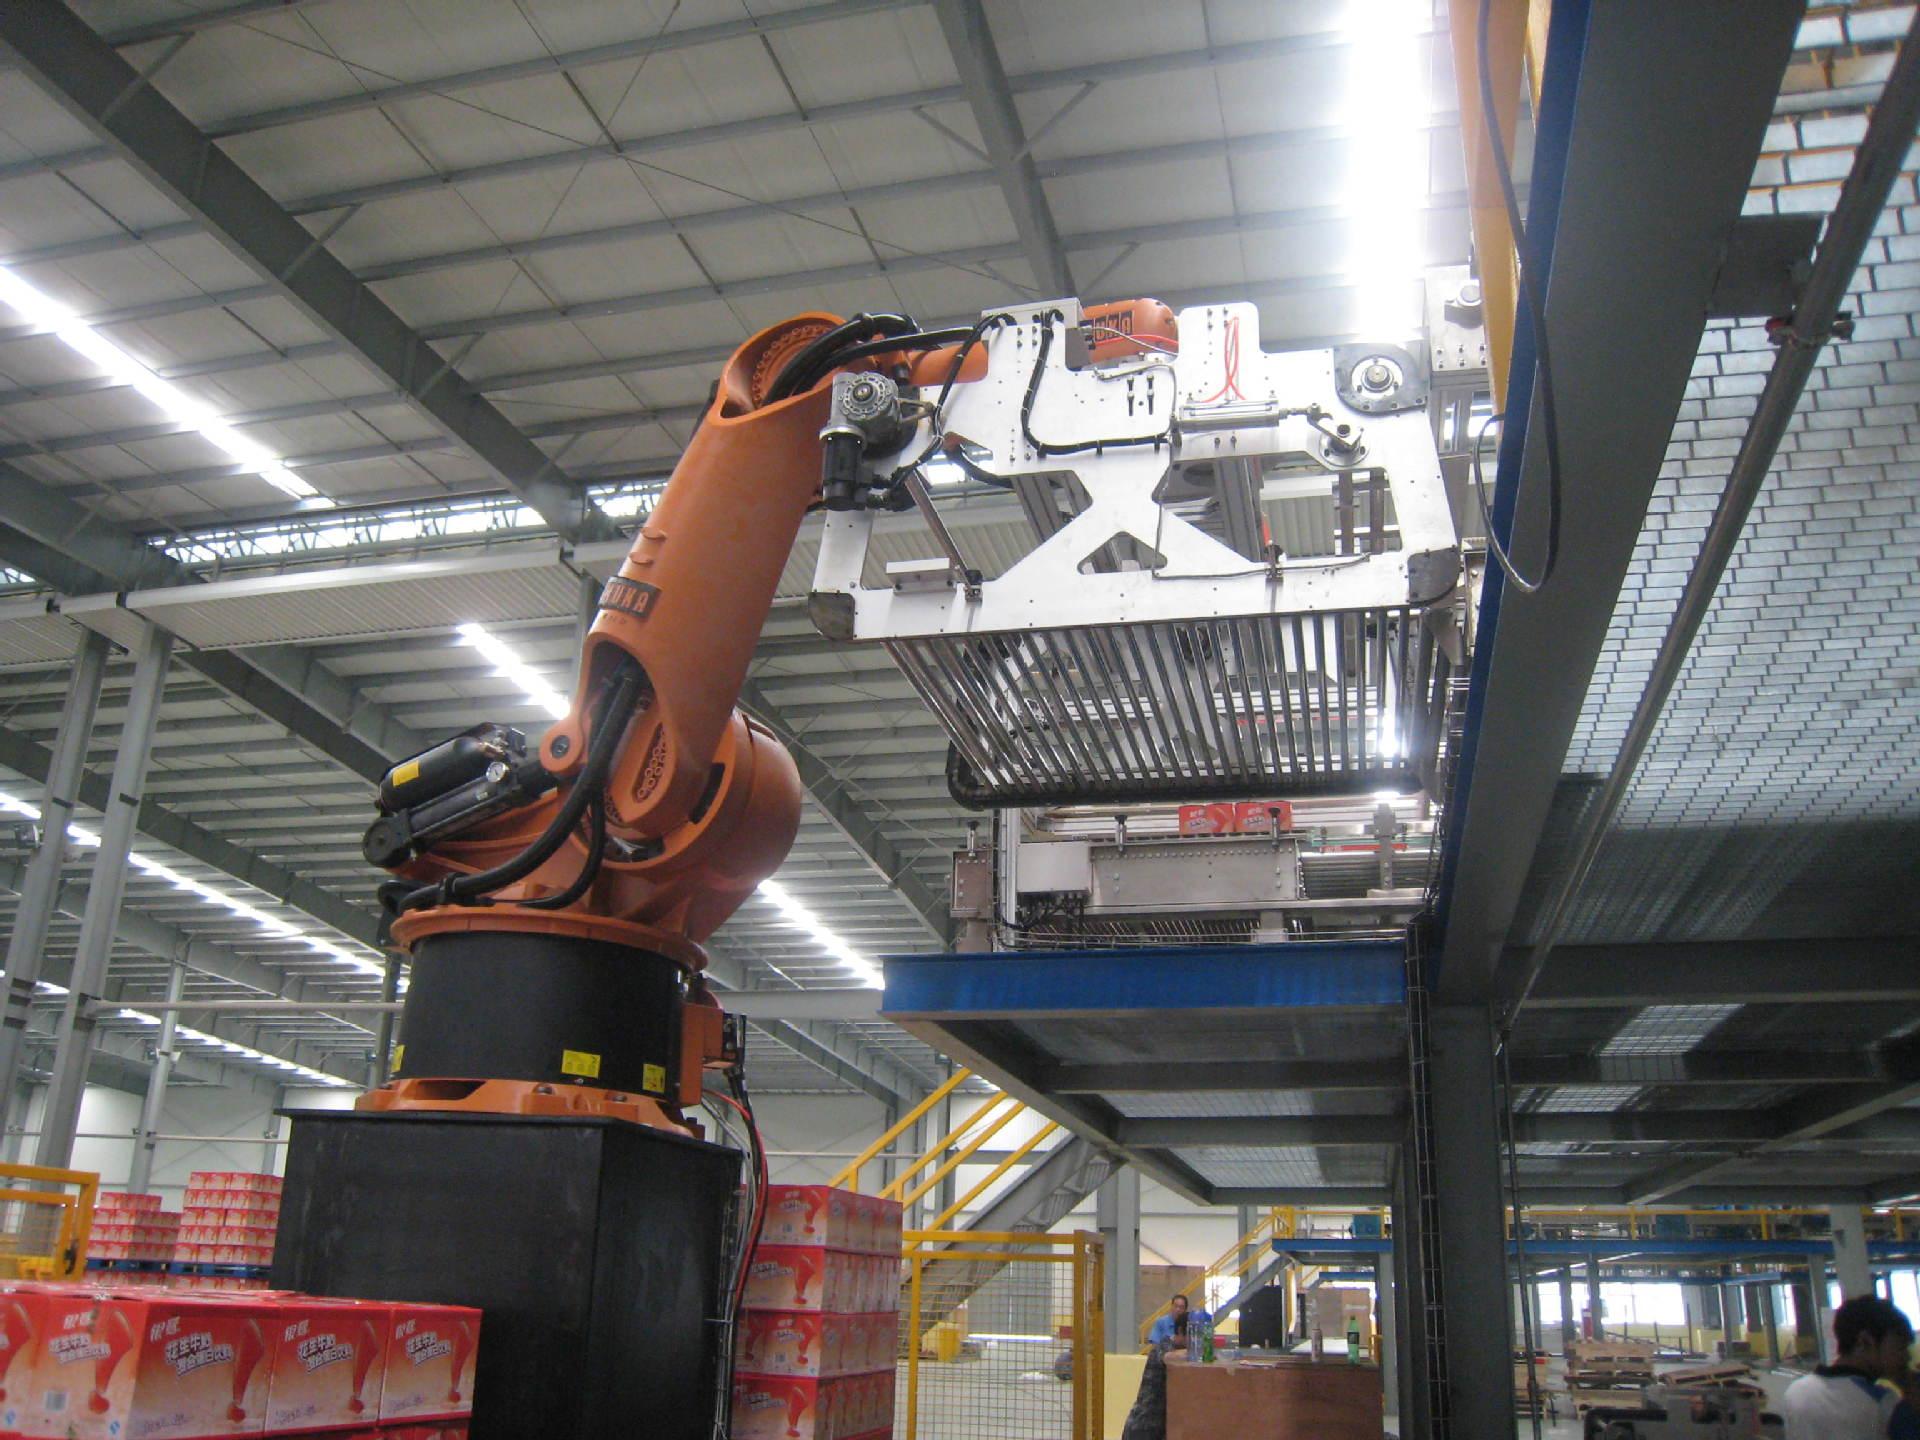 基于进口工业机器人设计的各种用途机器人,完全根据客户要求!